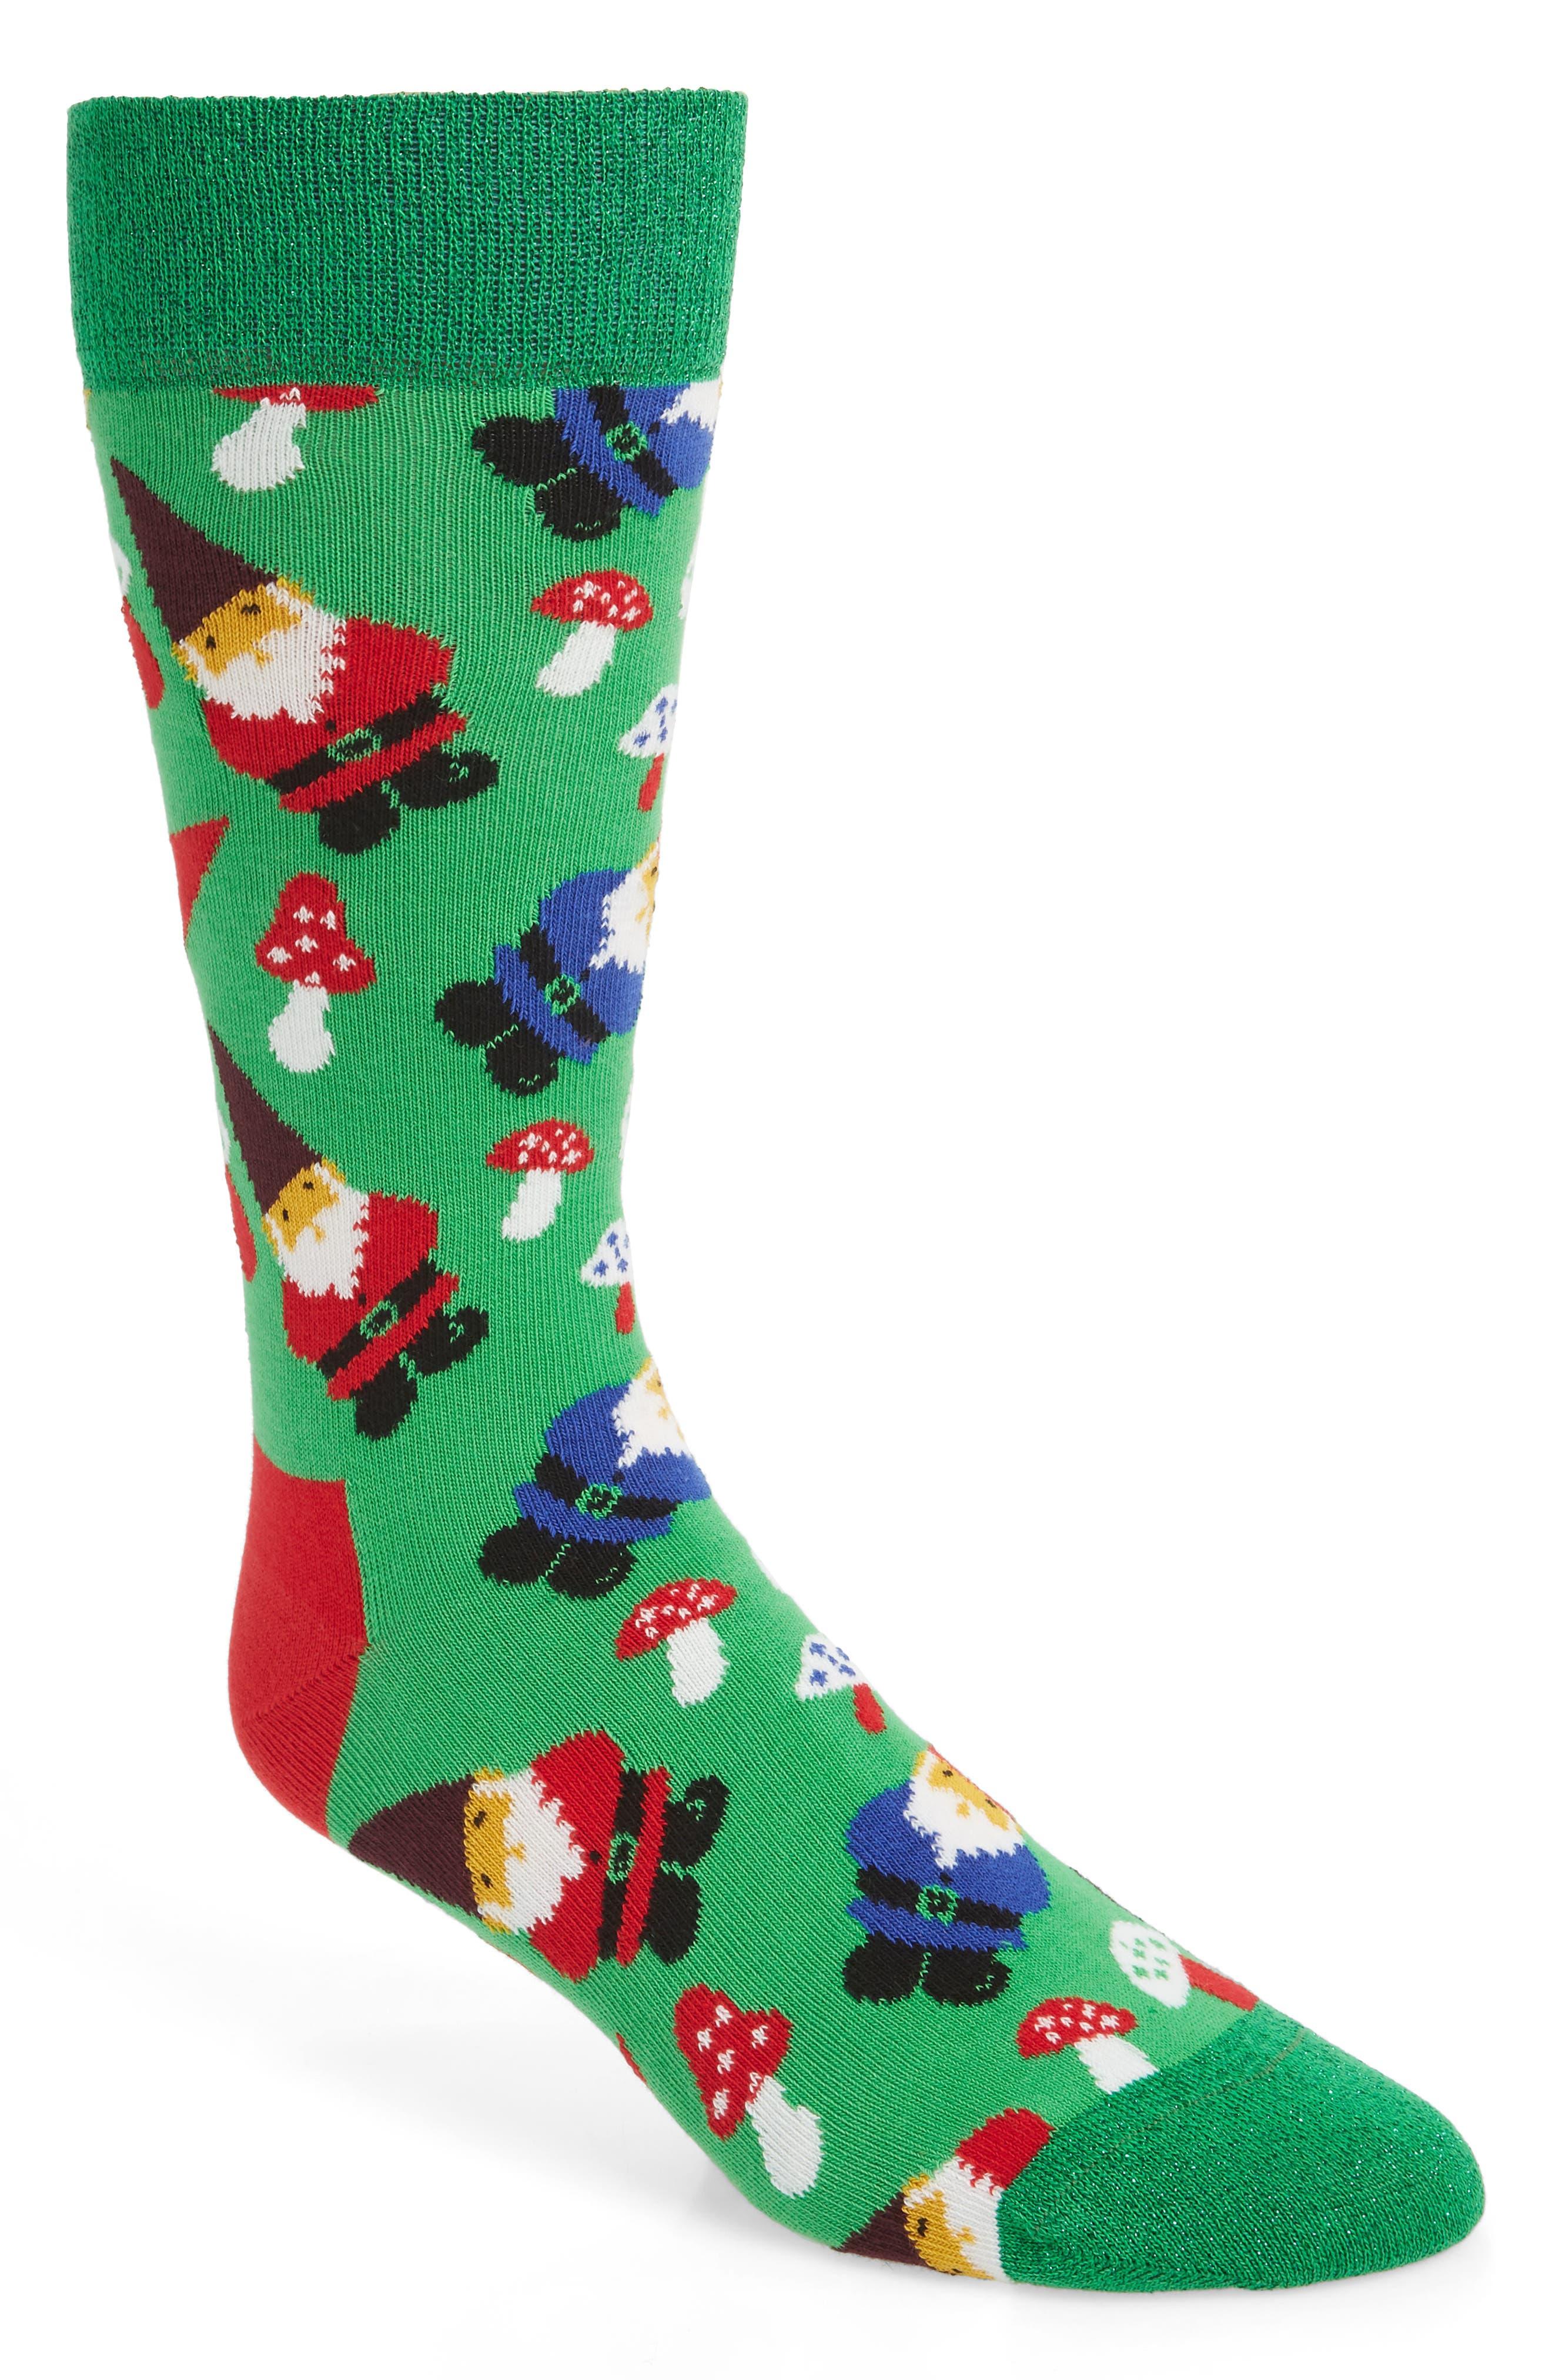 HAPPY SOCKS Holiday Gnome Socks in Green